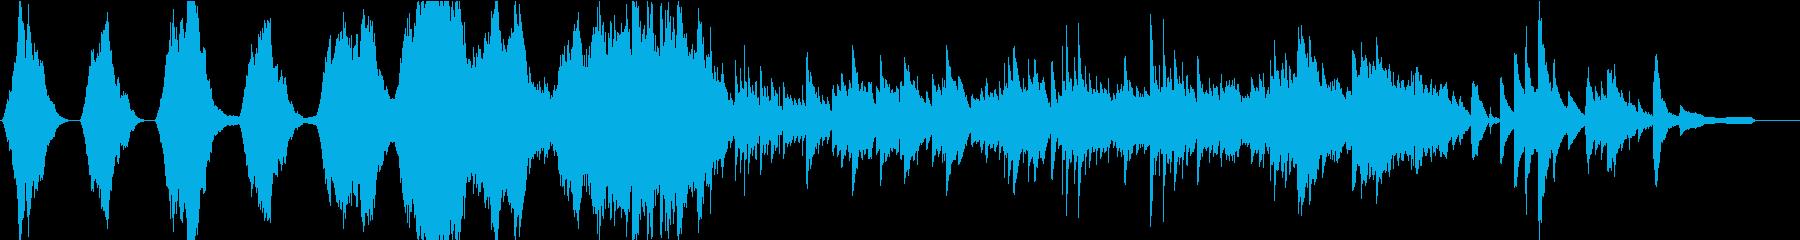 暗くて悲壮感のあるBGMの再生済みの波形